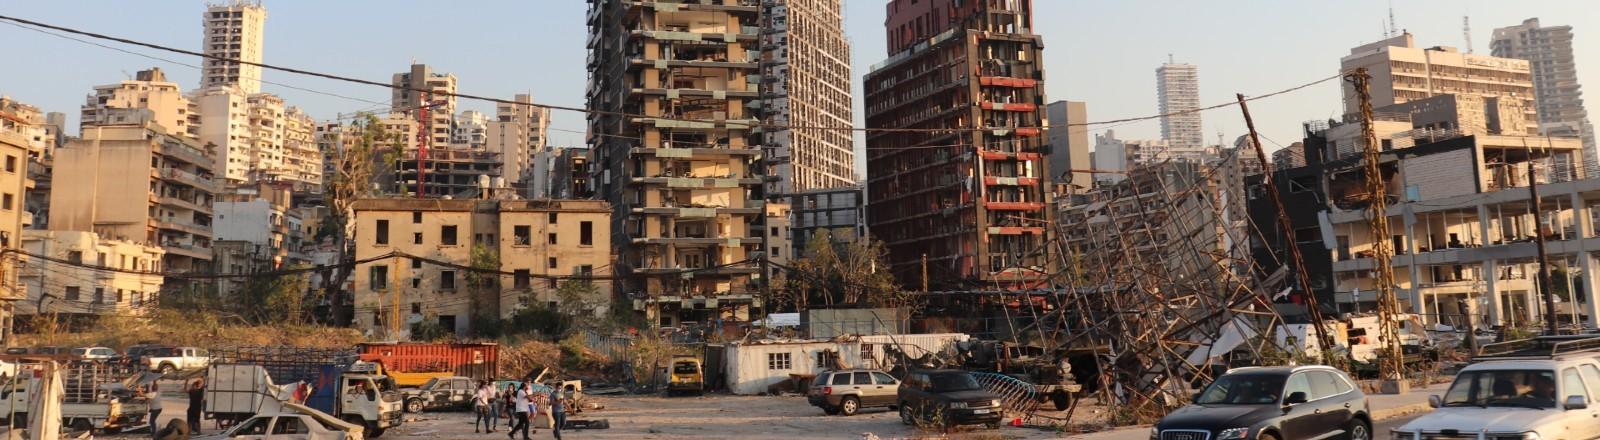 Die Stadt Beirut, nachdem sie von einer Explosion zerstört wurde. Kein Fenster ist mehr in den Gebäuden.